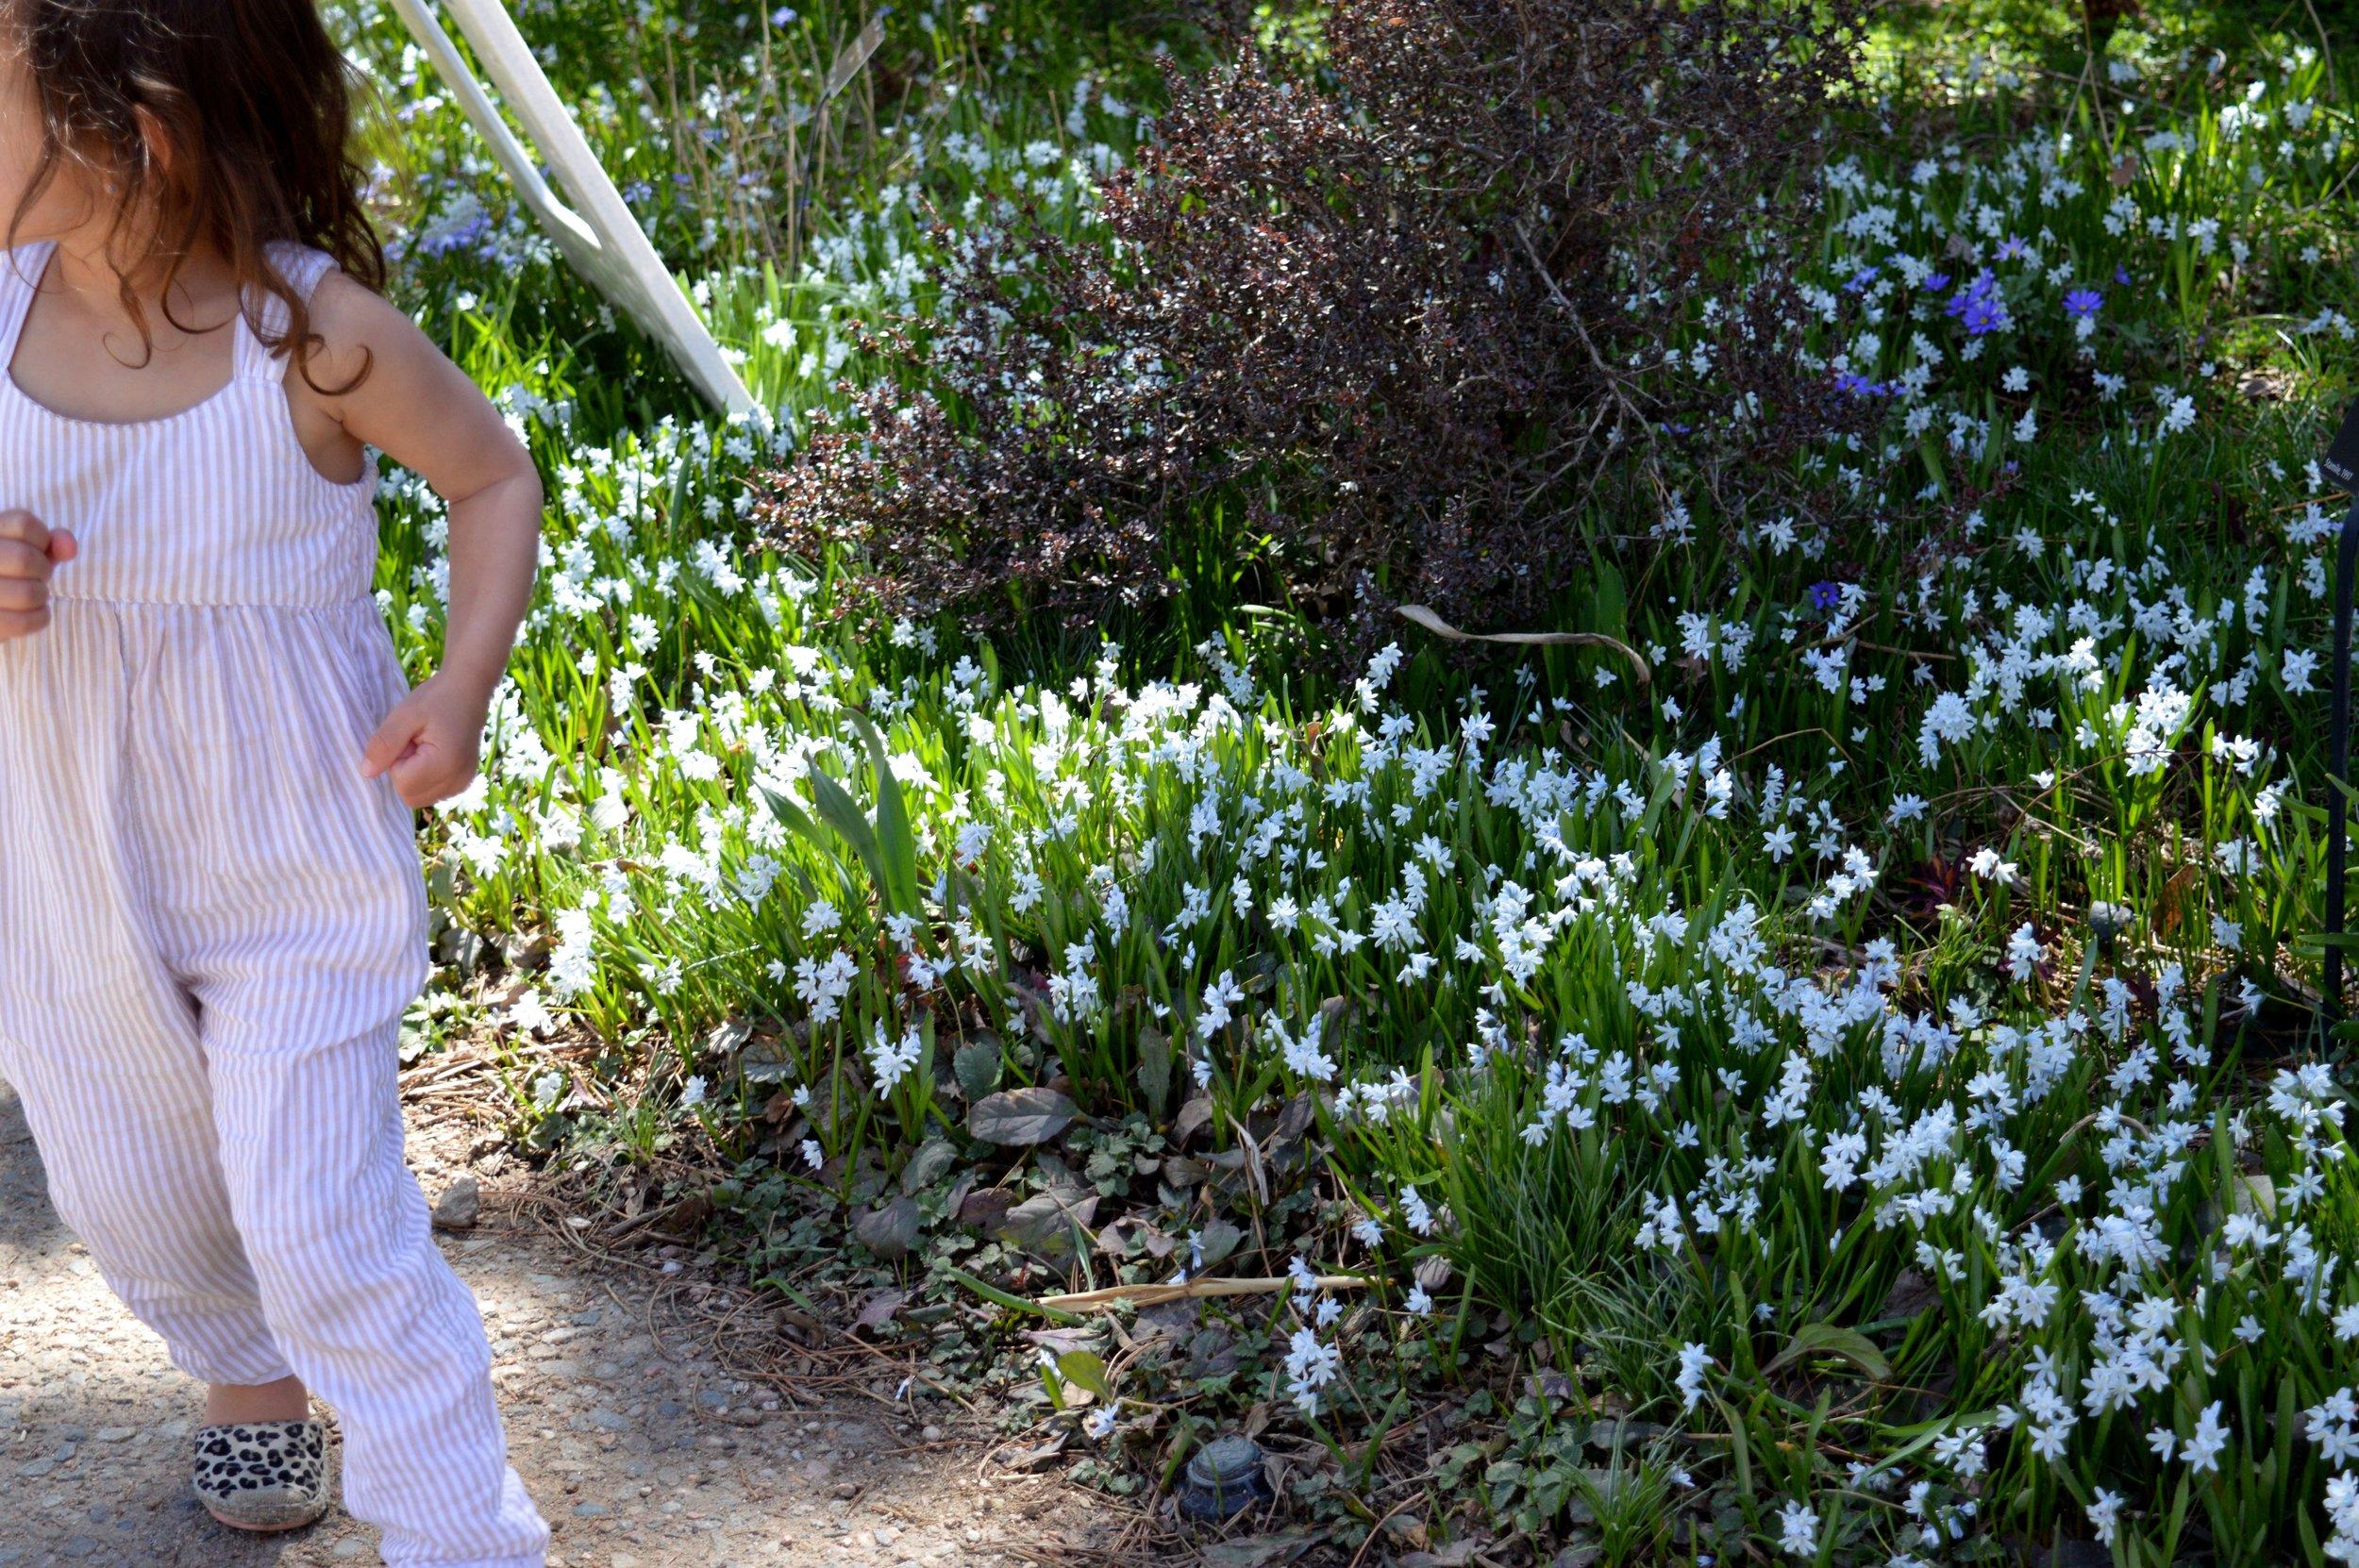 denver-botanic-gardens-April-13-5-1.jpg